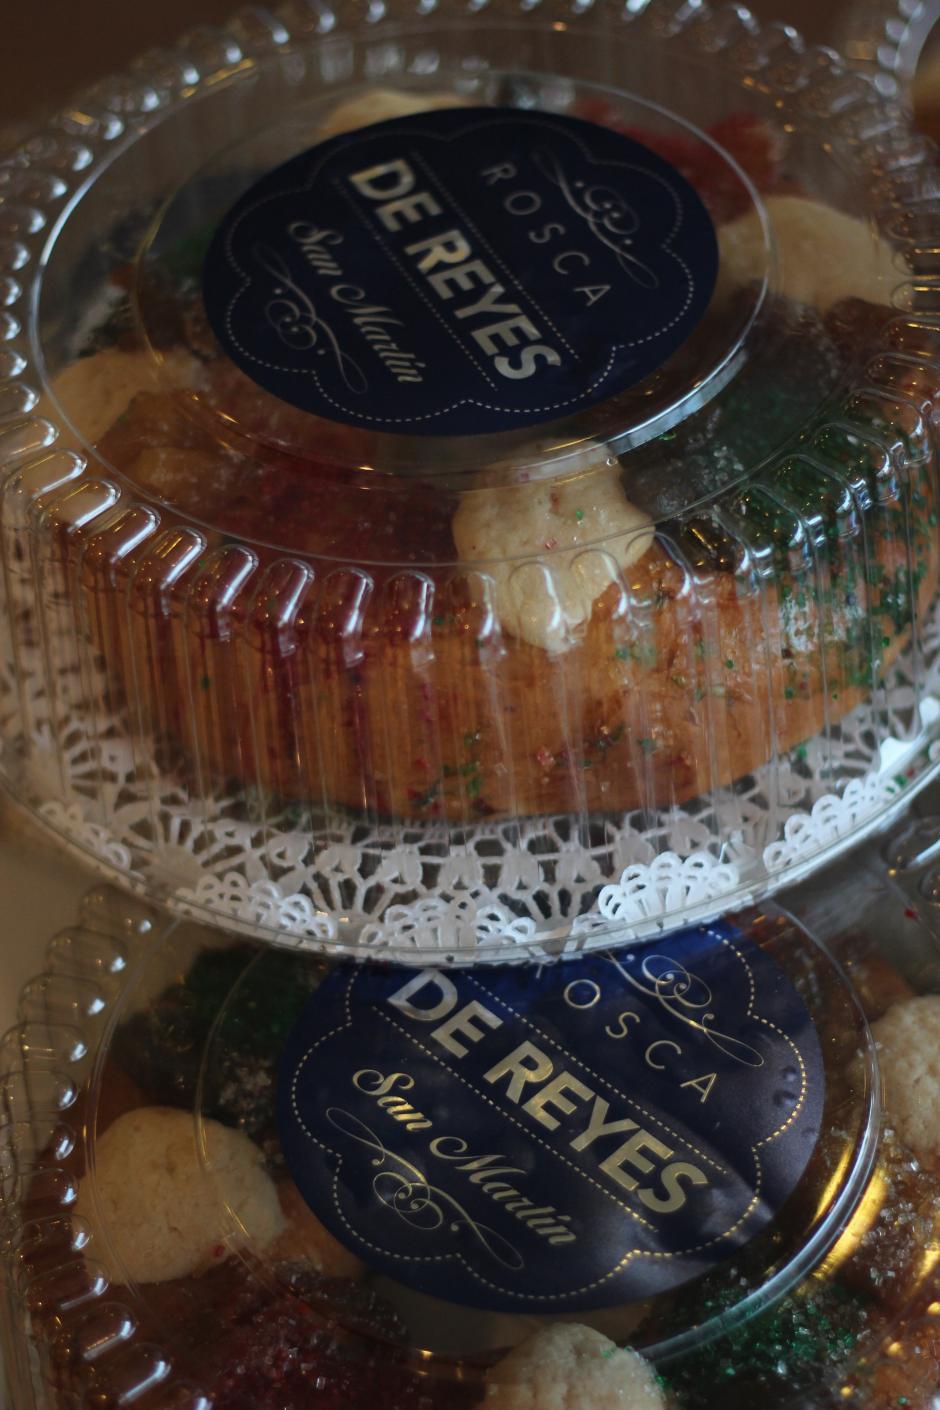 La Rosca de Reyes es un bollo elaborado con una masa dulce con forma de doma adornado con rodajas de fruta cristalizada. (Foto: José Dávila/Soy502)